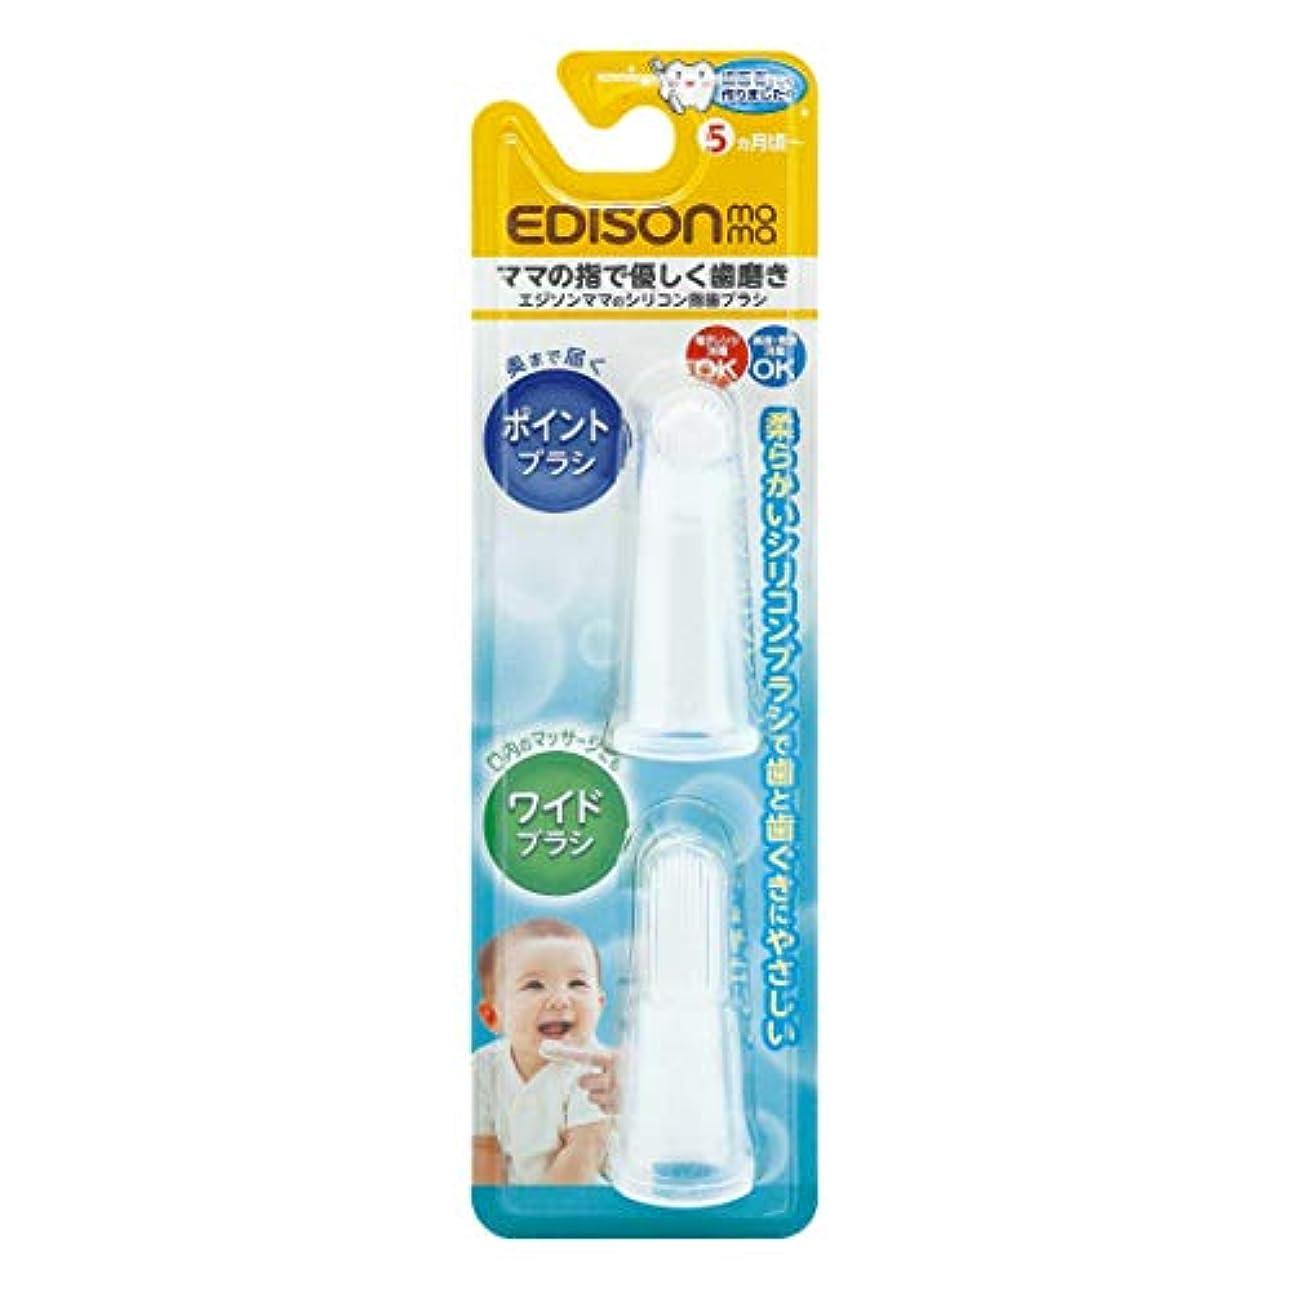 多用途終了するうまくやる()KJC エジソンママ (EDISONmama) シリコン指歯ブラシ 5ヶ月頃から対象